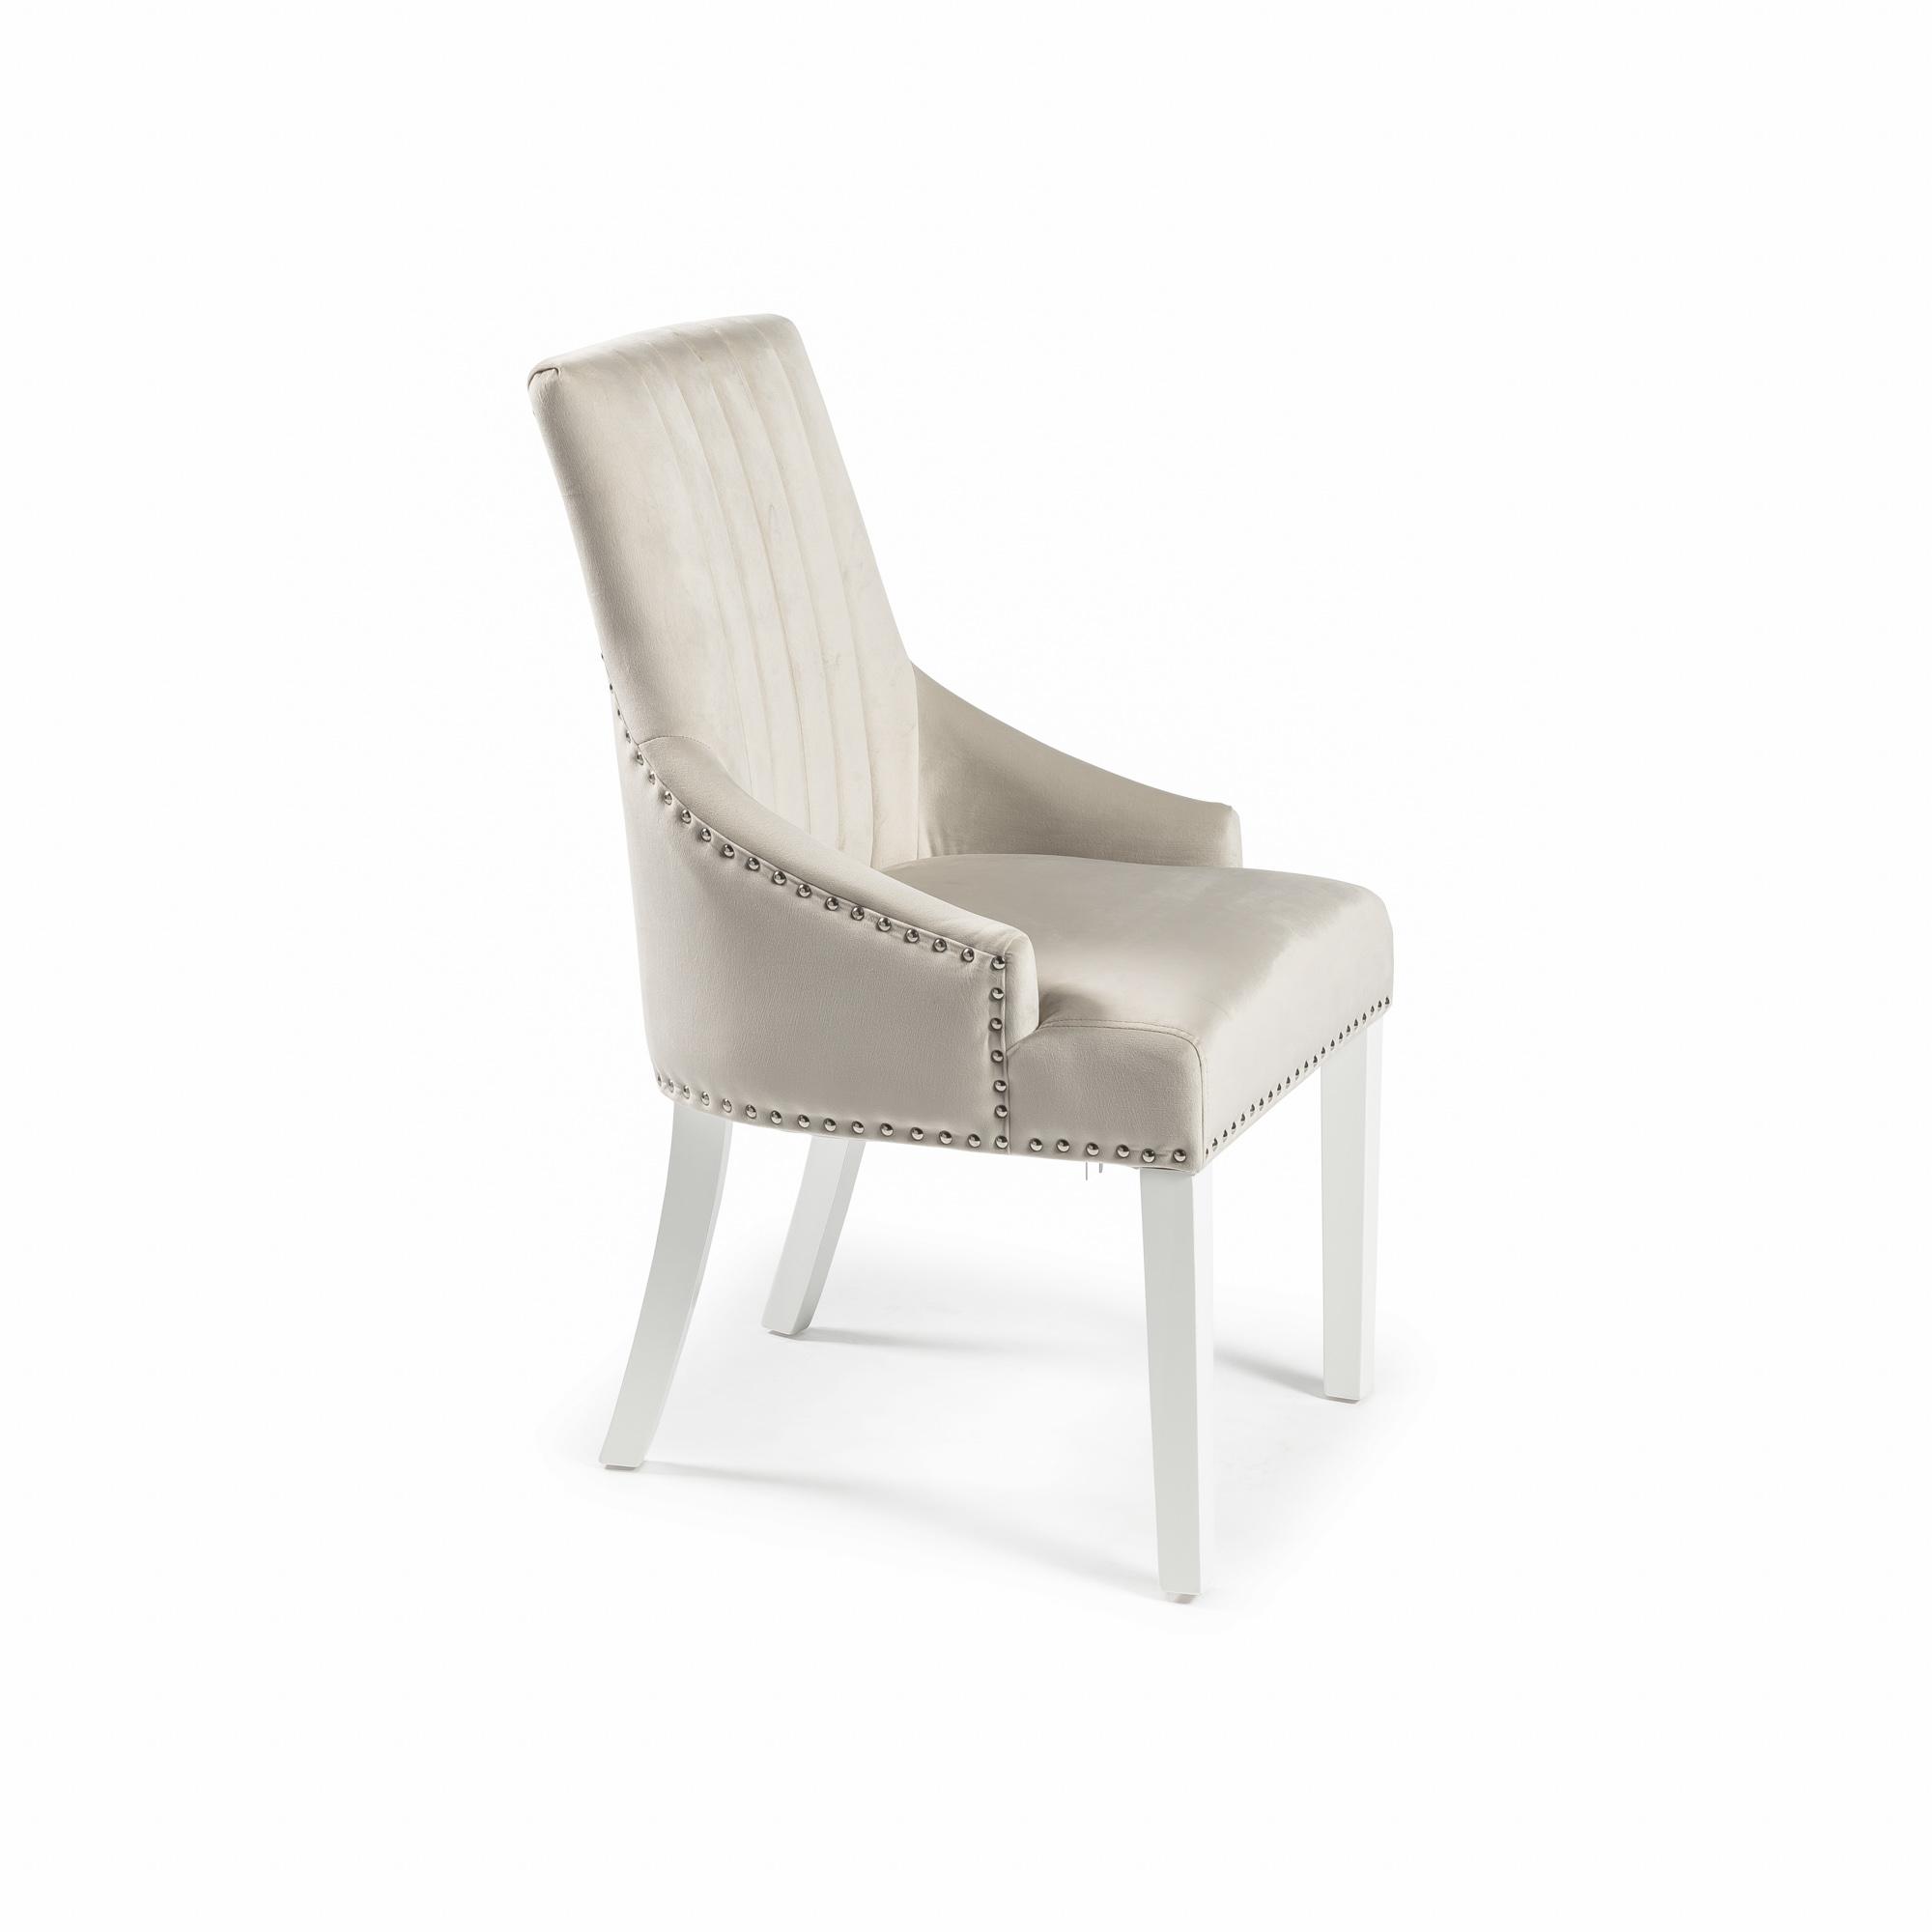 Chelsea Cream Velvet Upholstered Scoop Dining Chair – White Legs – Full Stud (Set of 2)